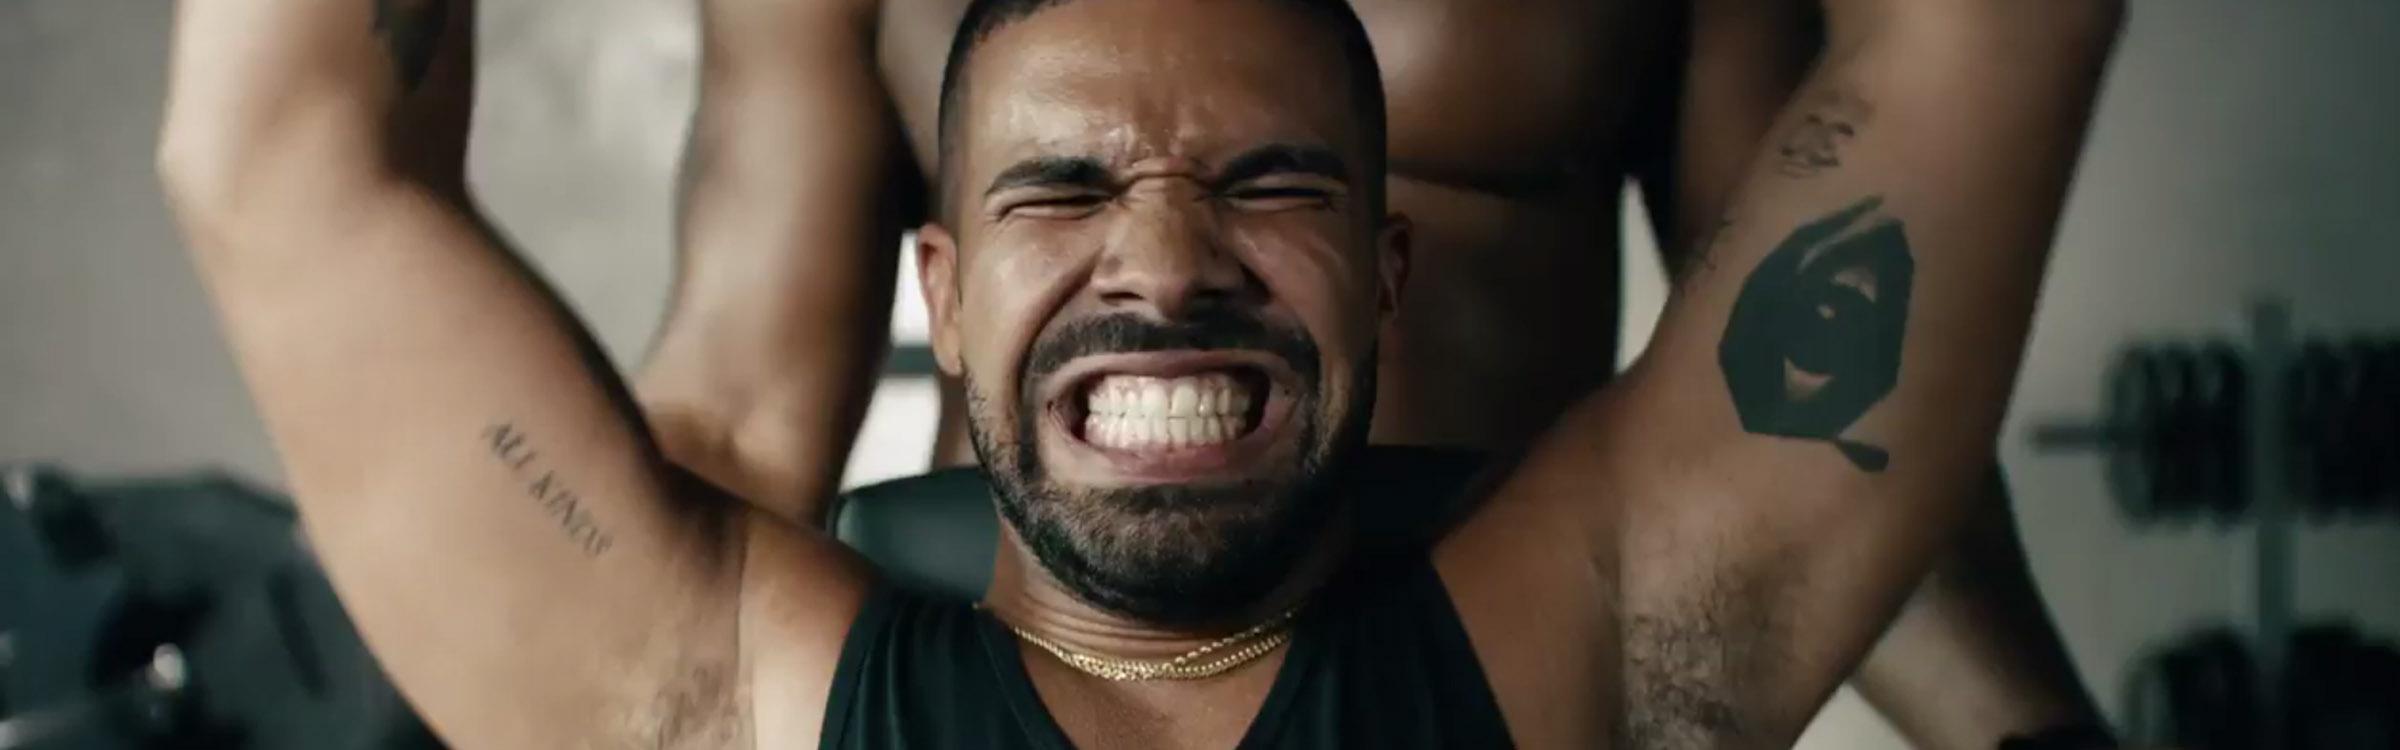 Drakeapplemusicheader